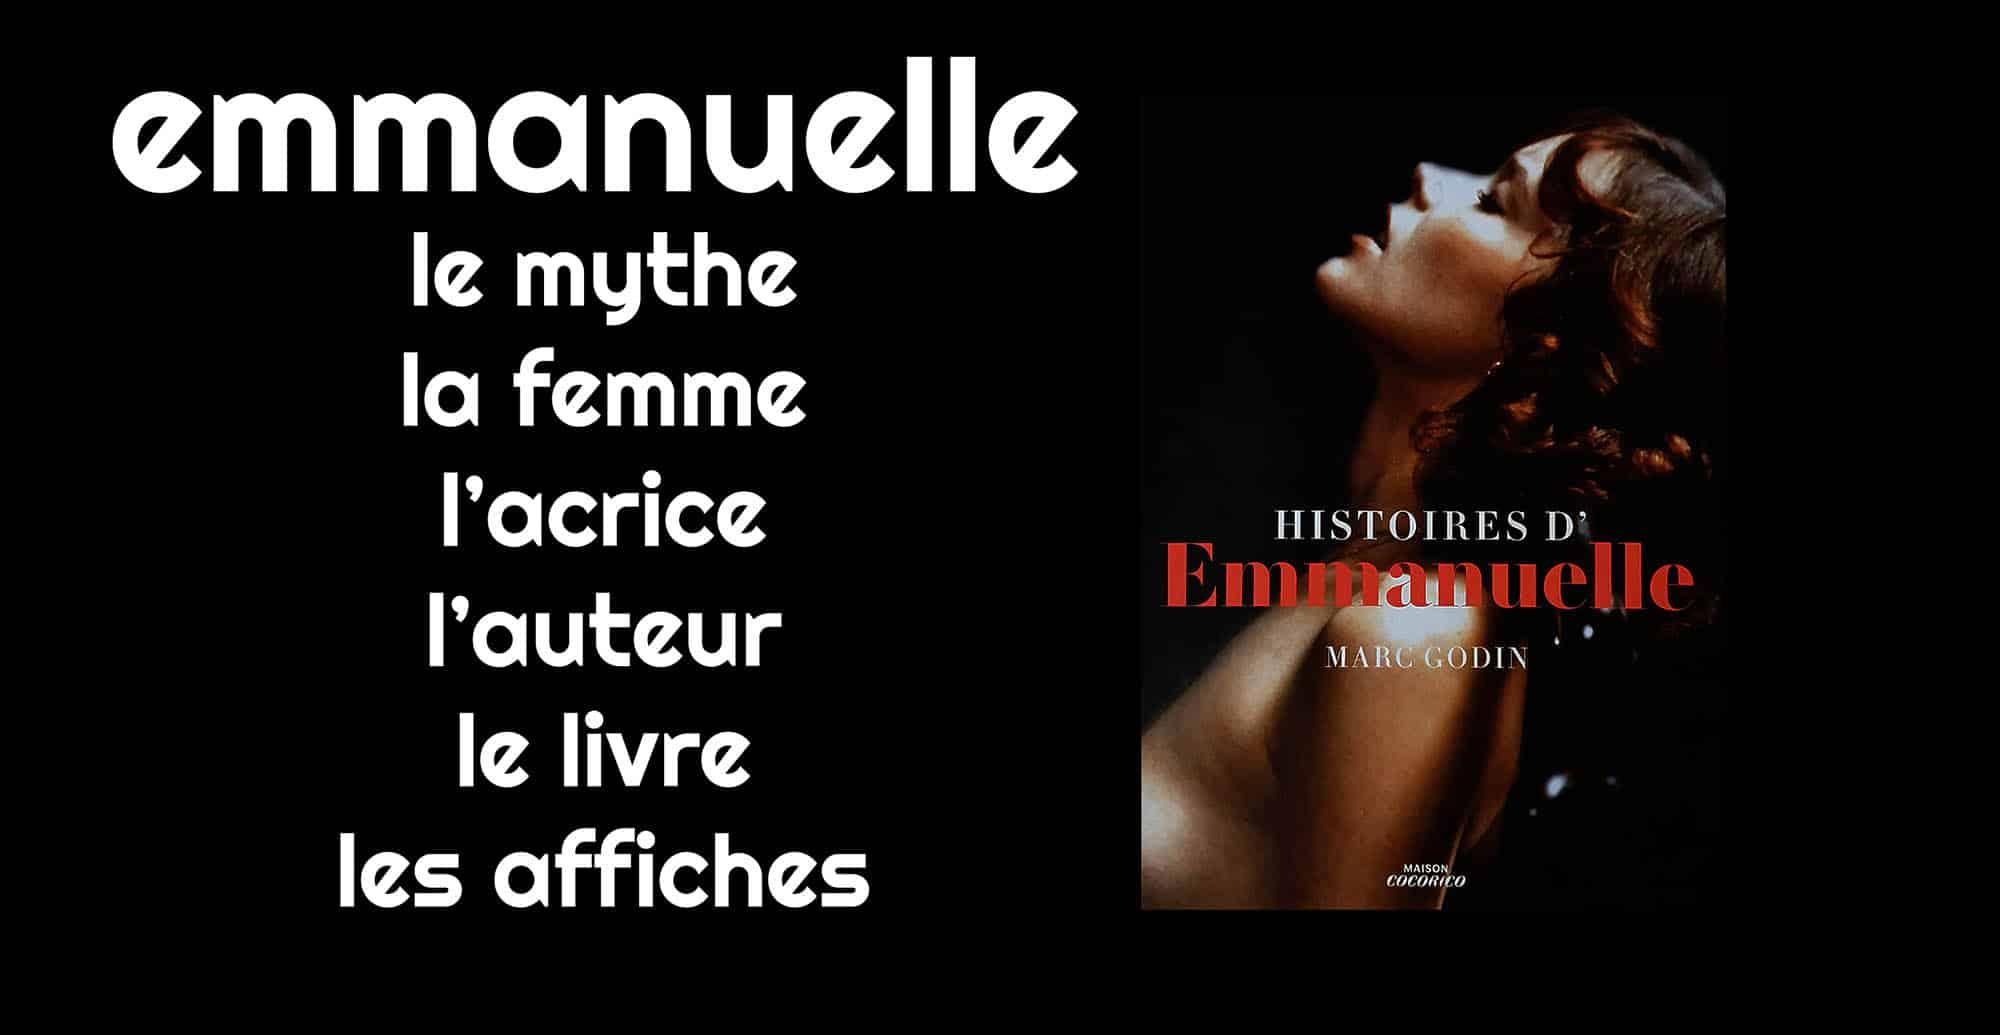 Les histoires d'Emmanuelle : le livre de Marc Godin